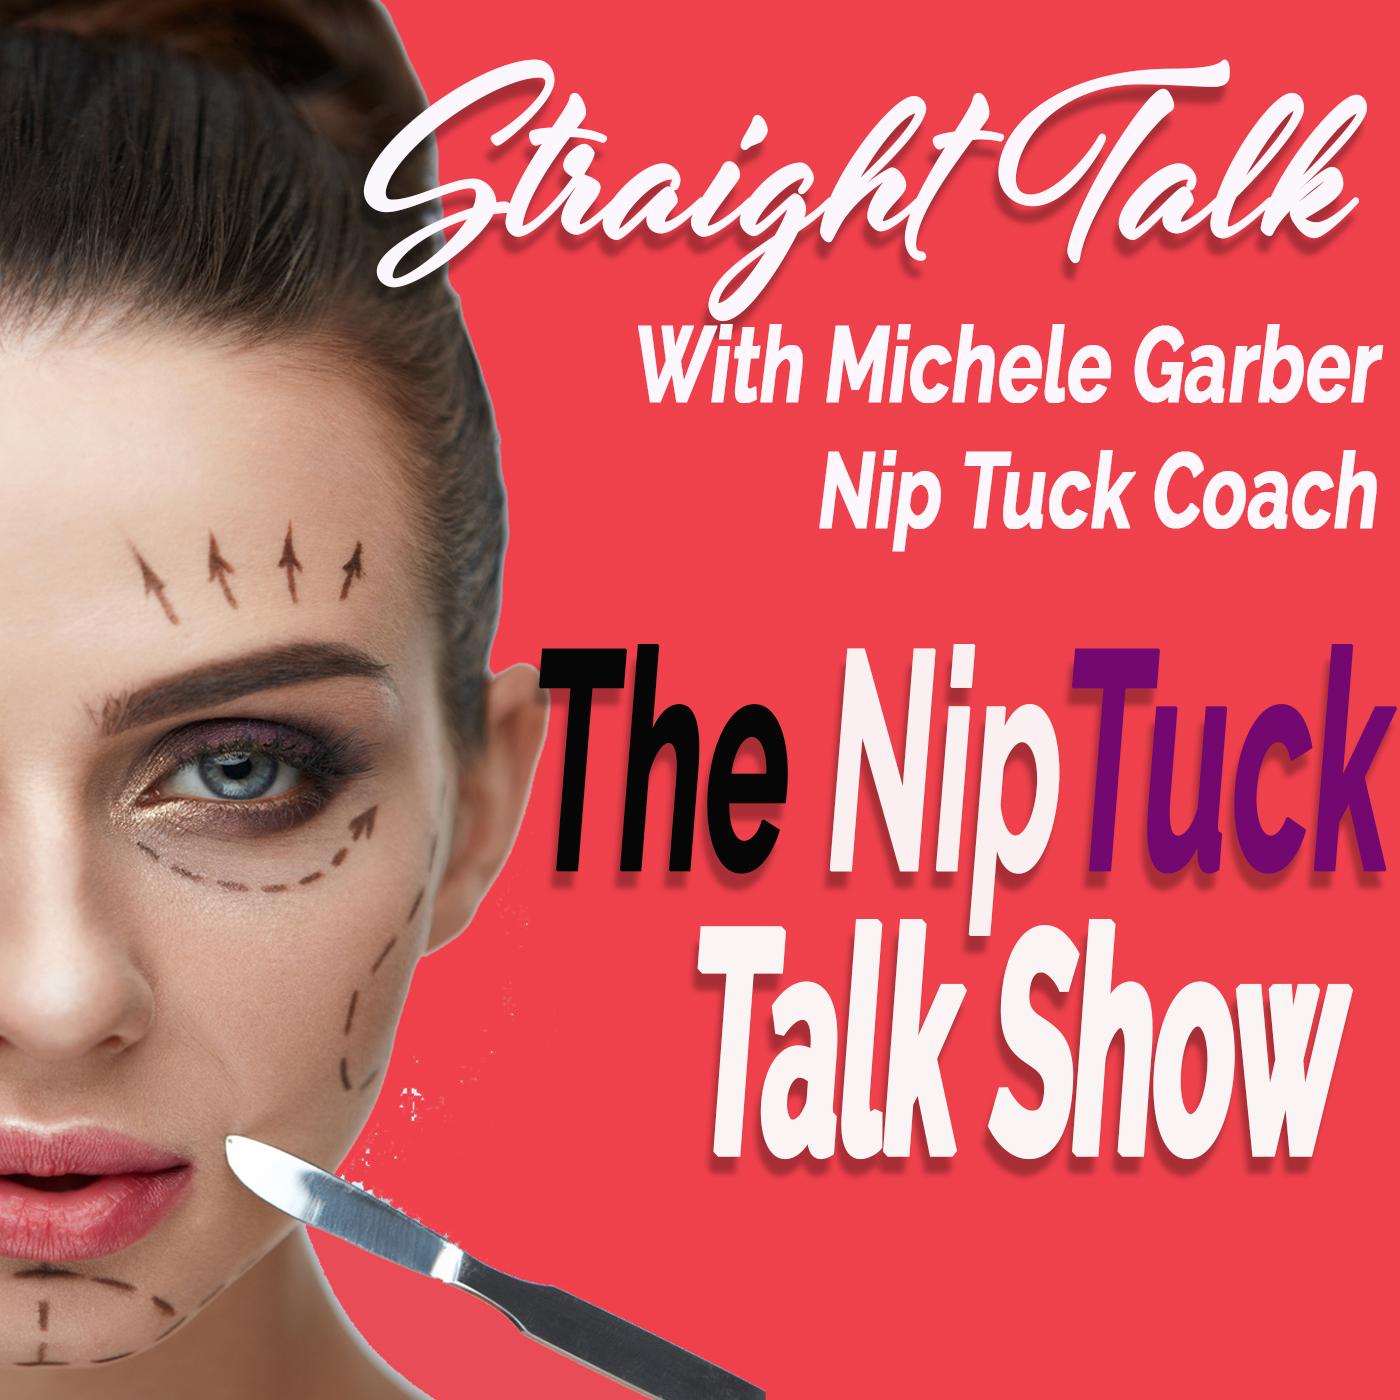 The NipTuck Talk Show: Plastic Surgery|Beauty Hot Topics